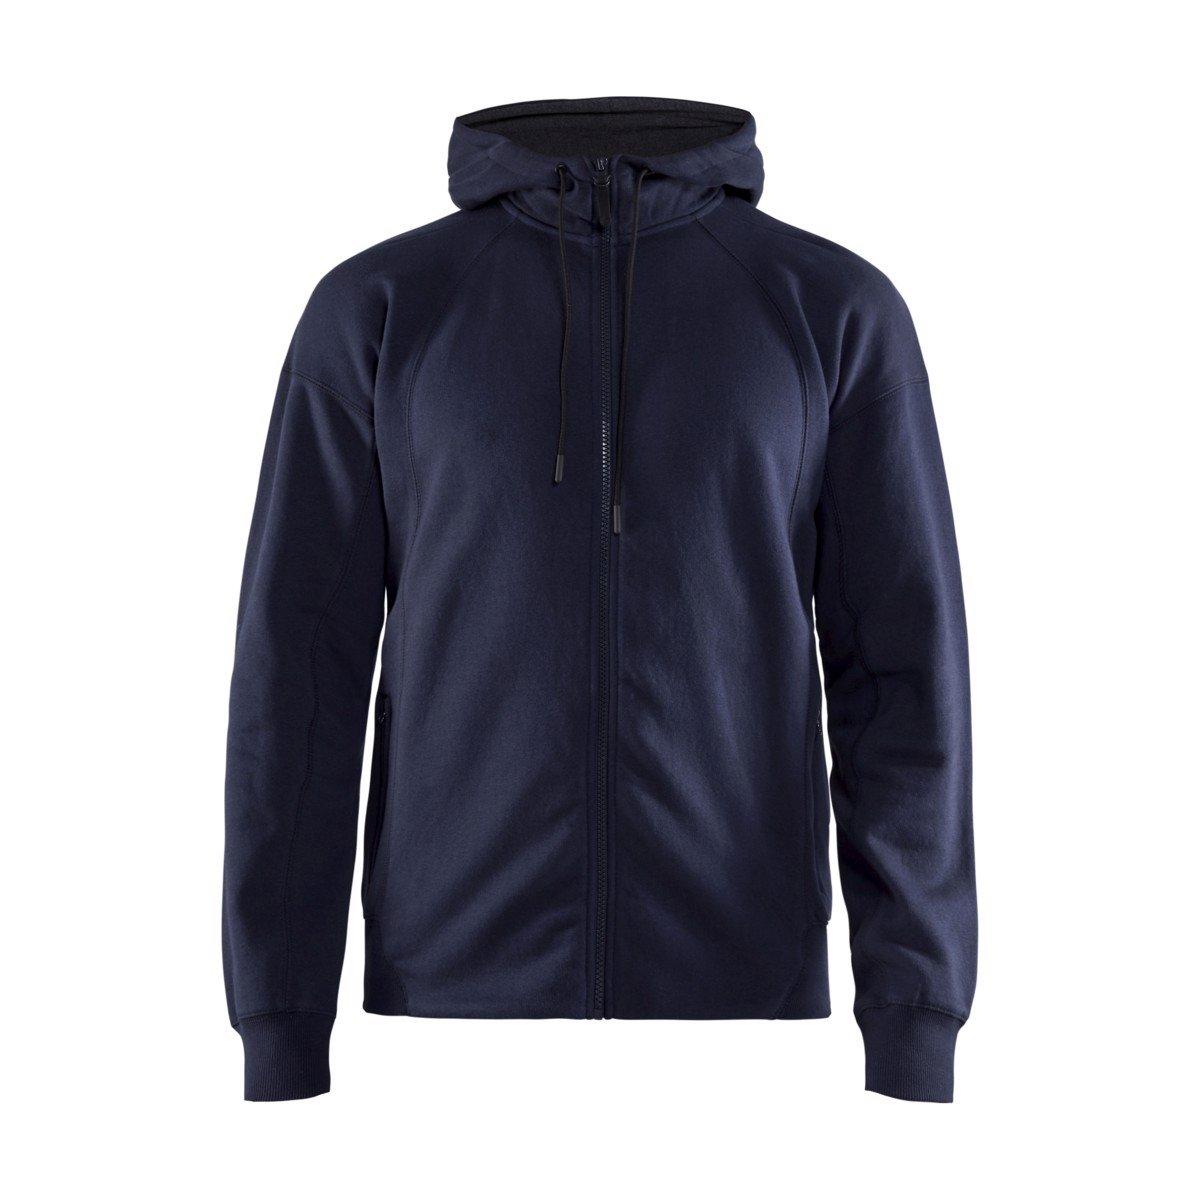 Craft Mikina FZ Hood tmavě modrá XL